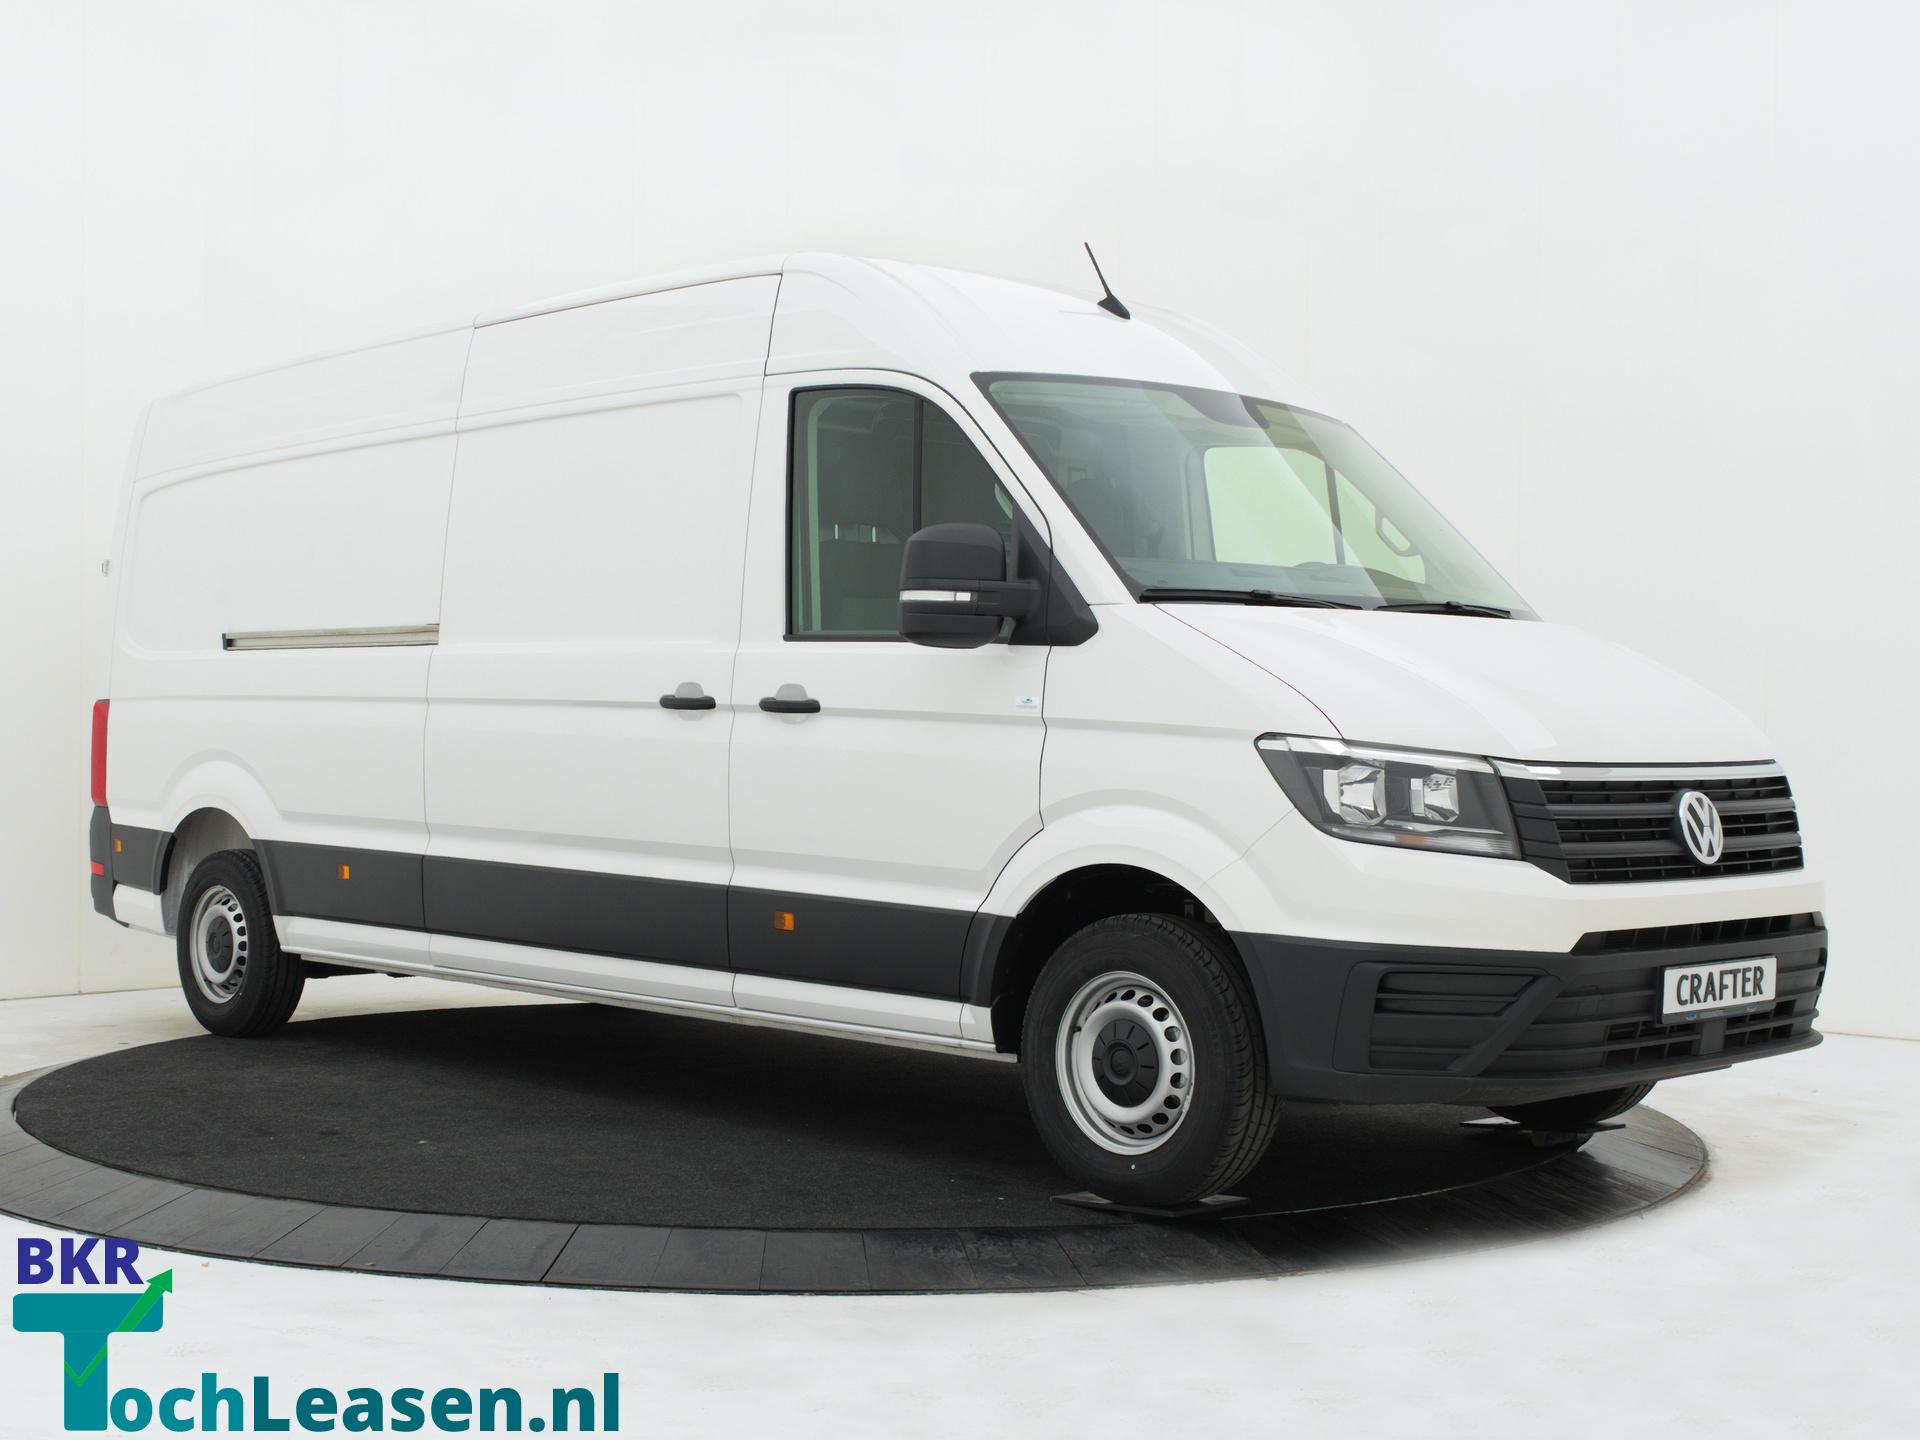 BkrTochLeasen.nl - Witte Volkswagen Crafter 7